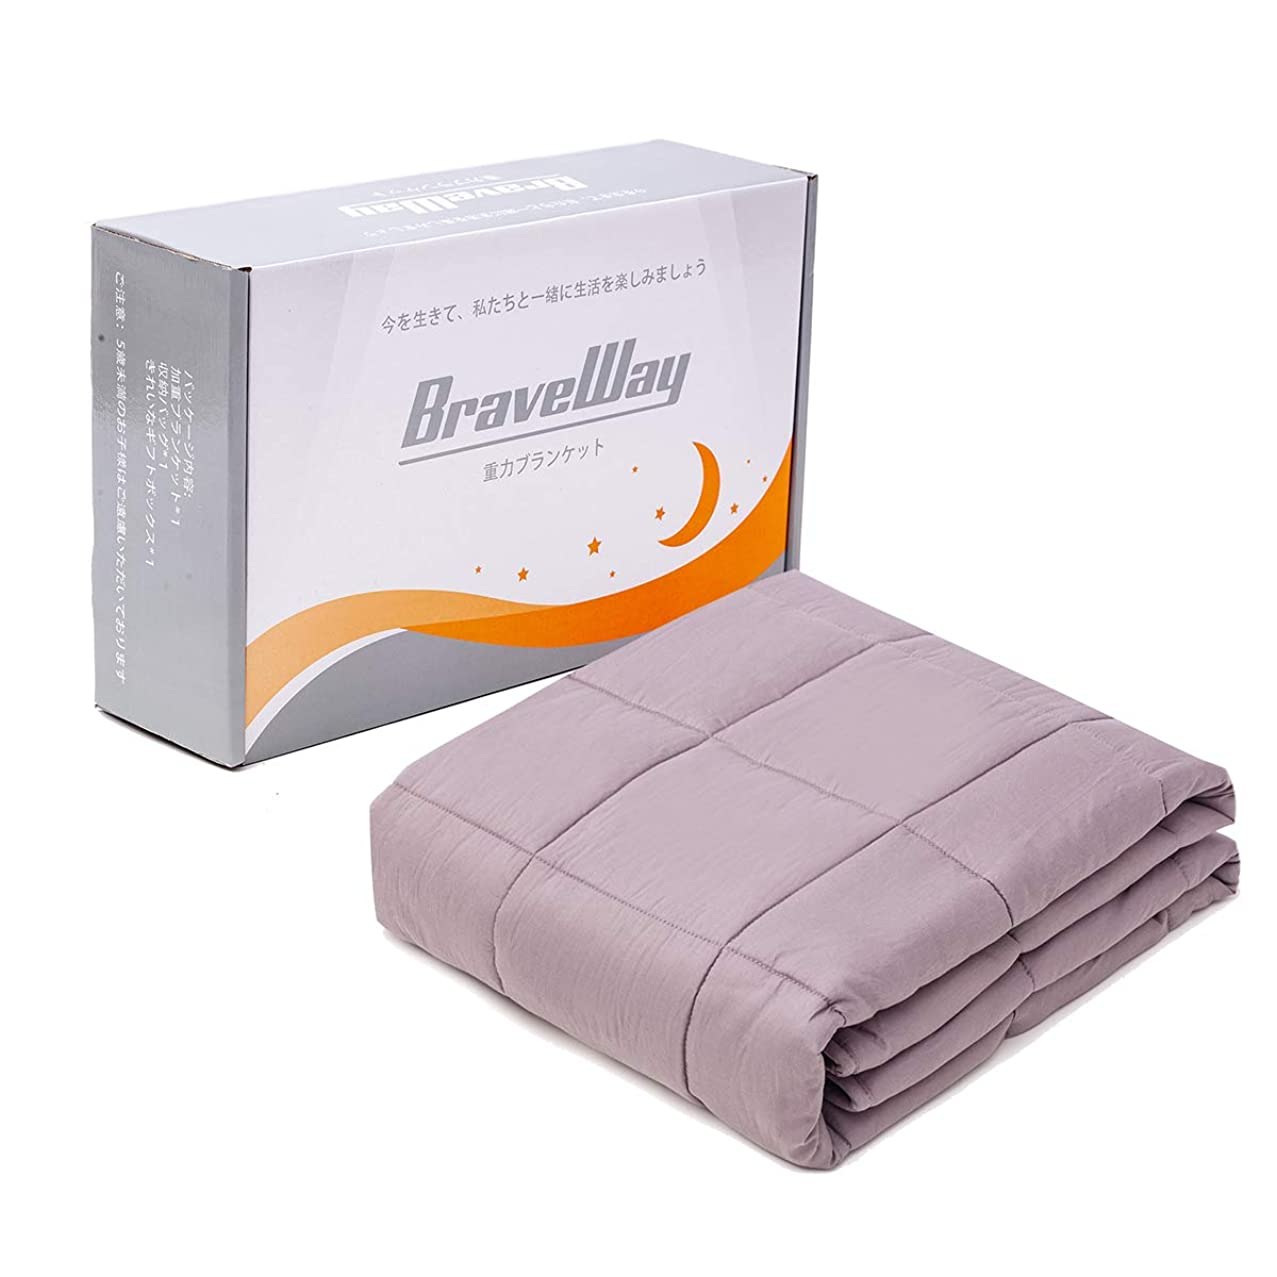 ハドル貯水池流産BRAVEWAY 加重ブランケット ウェイトブランケット 重力布団 不眠症対策 快眠 深い睡眠 快適 ストレス解消 122 x 187 cm 6.8 kg